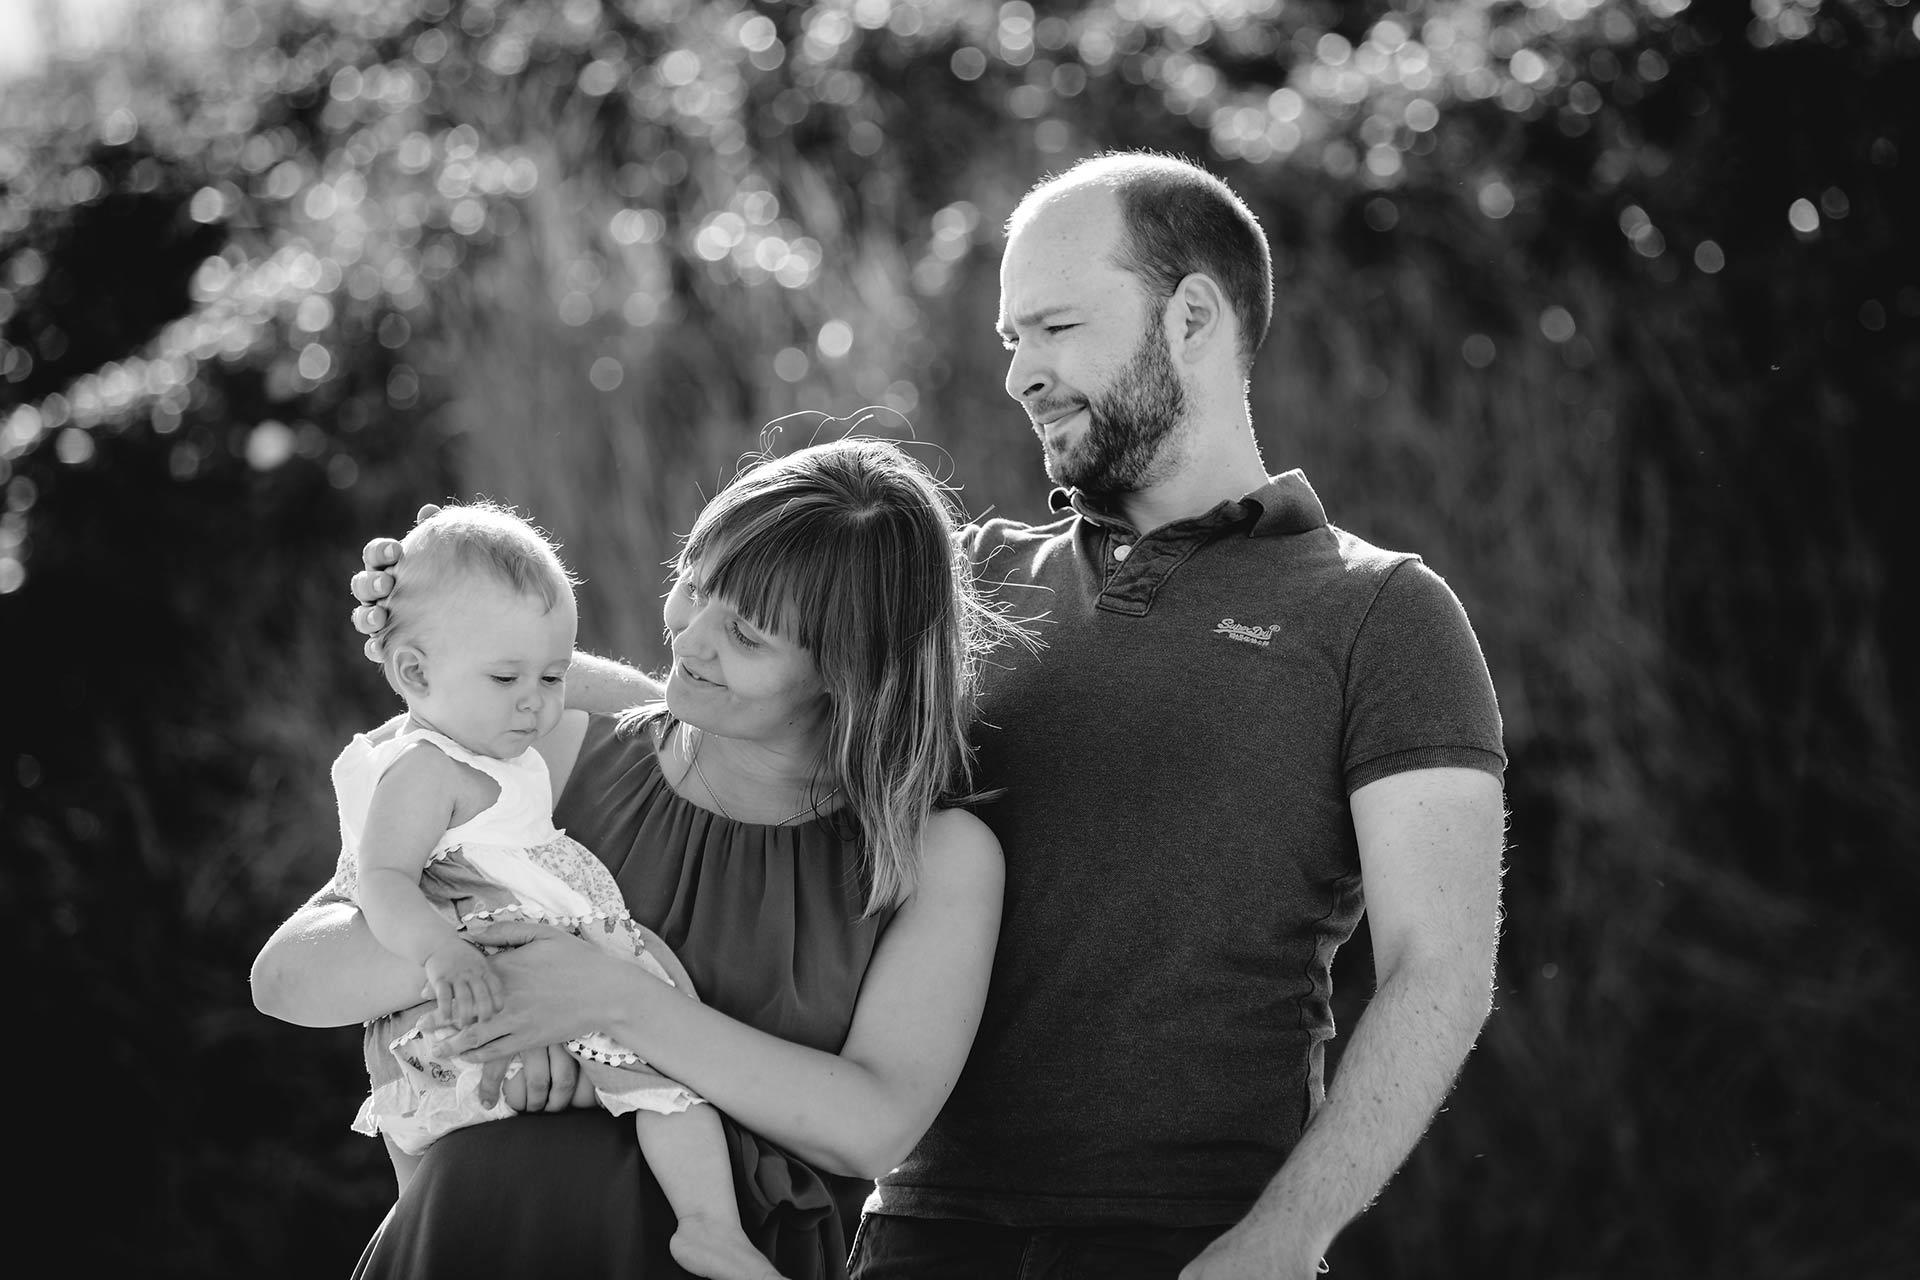 Mutter-haelt-ihr-Baby-auf-dem-Arm-Vater-streichelt-Baby-am-Kopf-Shooting-am-Strand-Familienfotografie-Fotograf-Rostock - Familienshooting